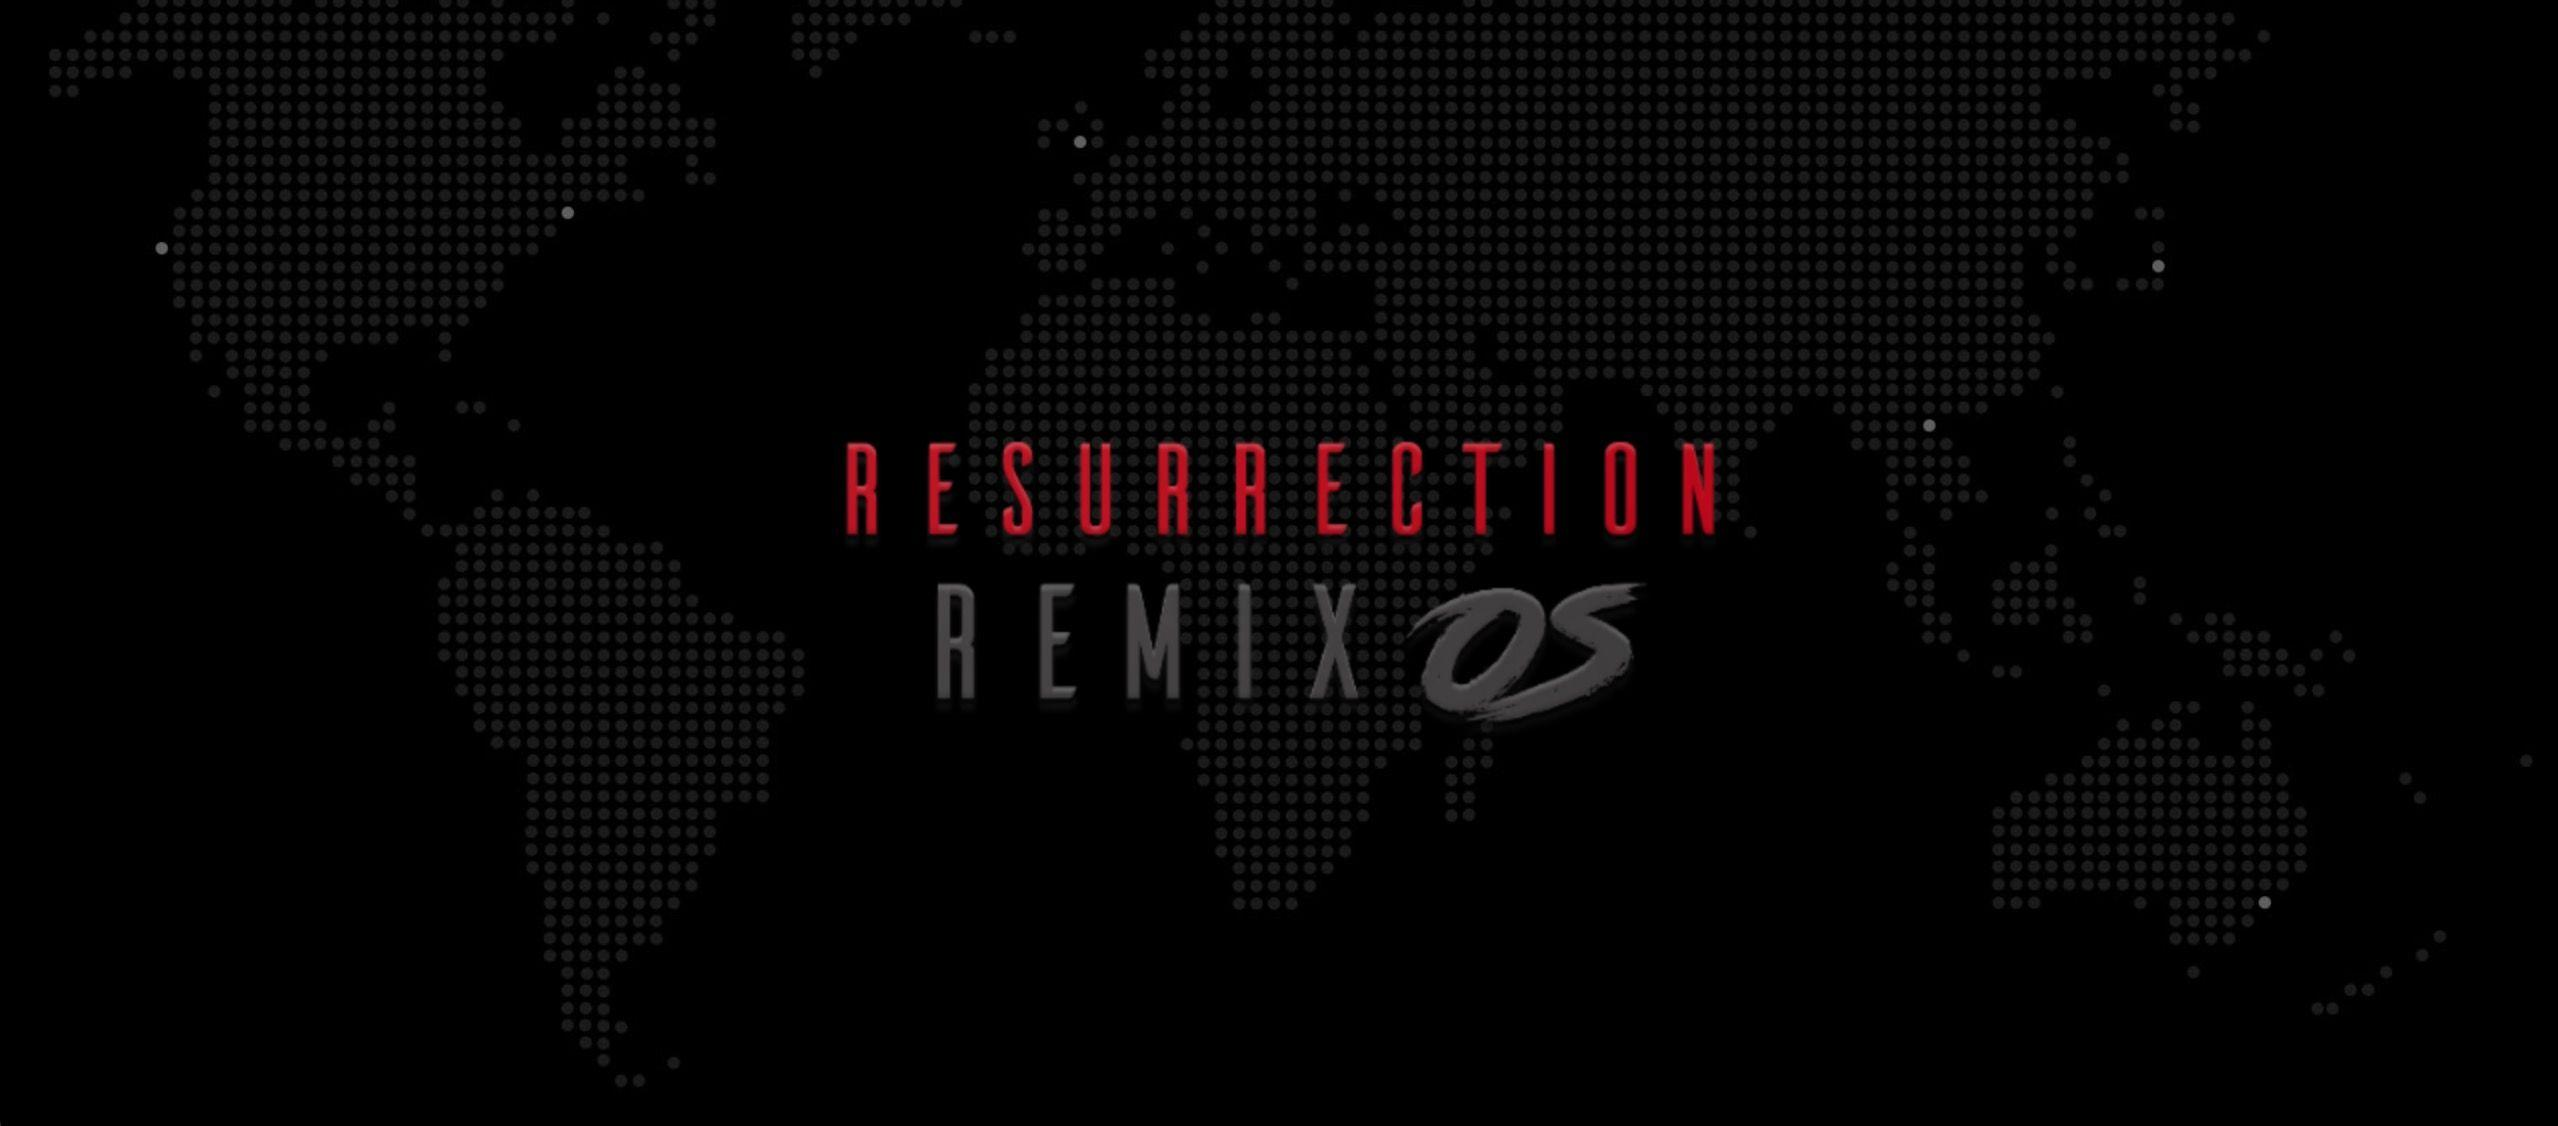 La resurrection remix os è una delle migliori Custom ROM attualmente disponibili per OnePlus 3T: i punti di forza sono stabilità e risparmio della batteria!